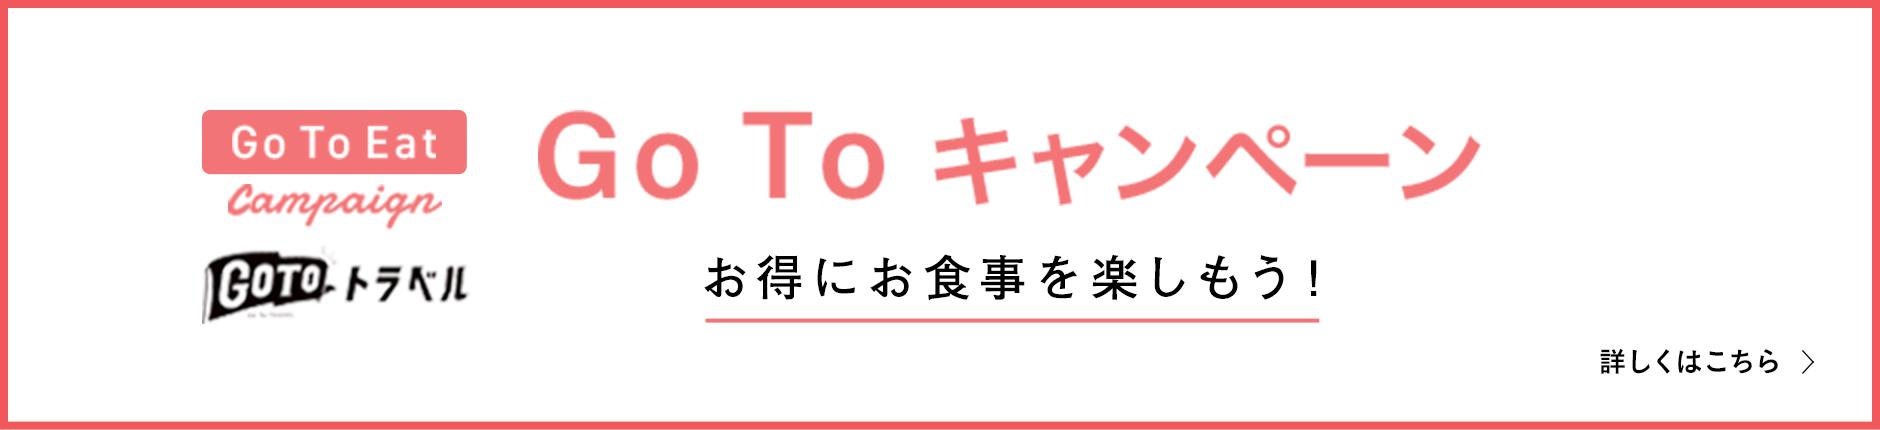 Go To キャンペーン お得にお食事を楽しもう!